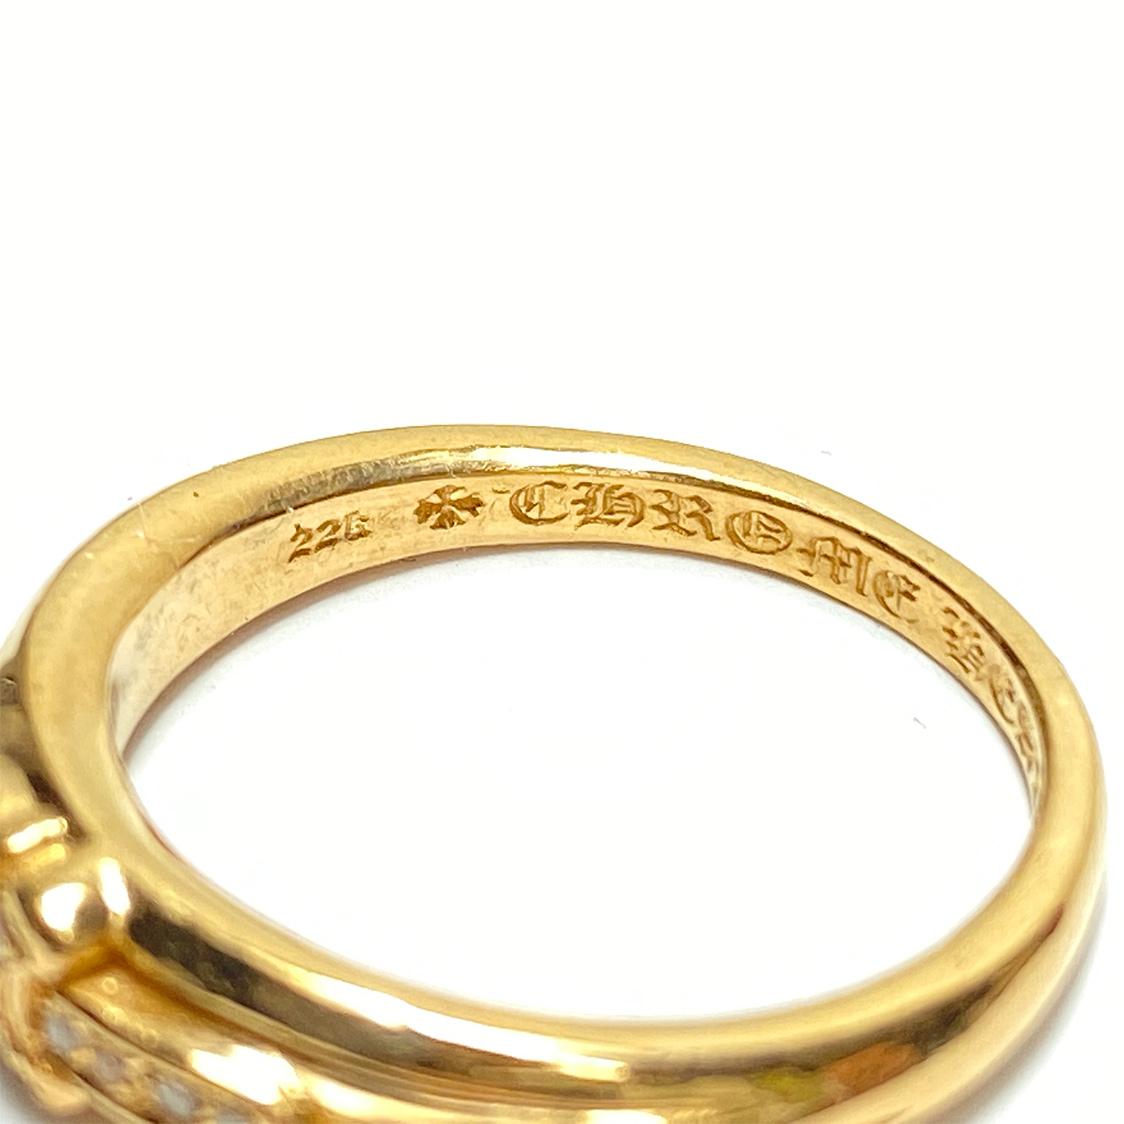 クロムハーツ CHROME HEARTS 22K ベビー クラシック ダガー リング 18号 指輪 フローラルクロス